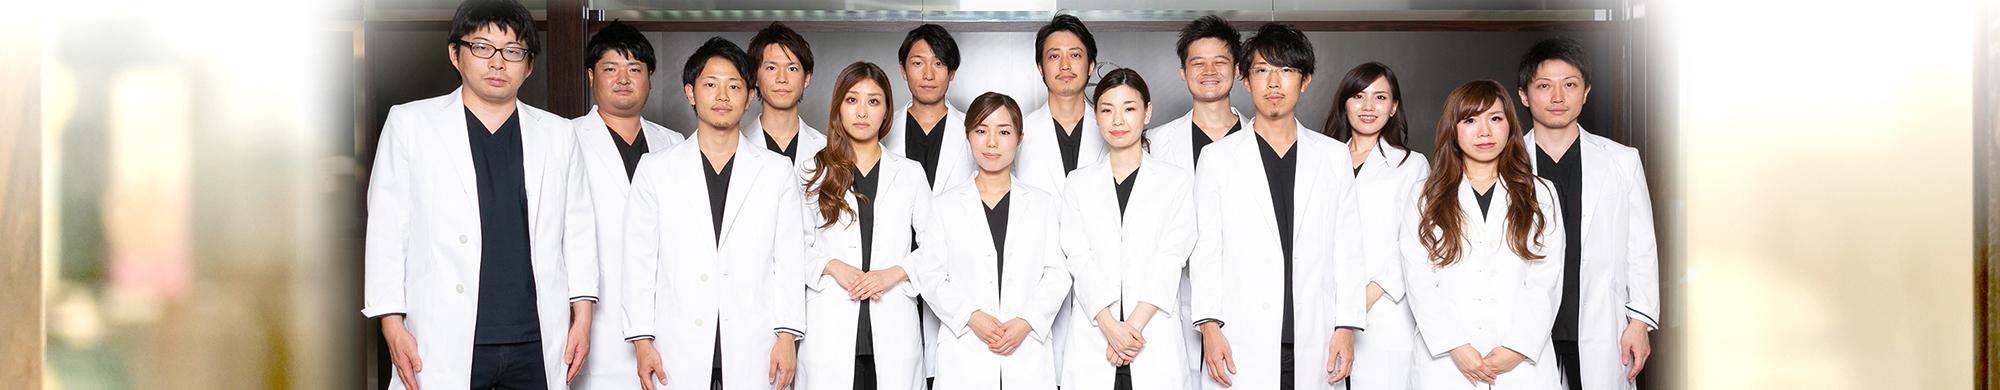 インプラント エスカ 歯科 予約 名古屋 名古屋市(愛知県)でおすすめのインプラント歯科医院